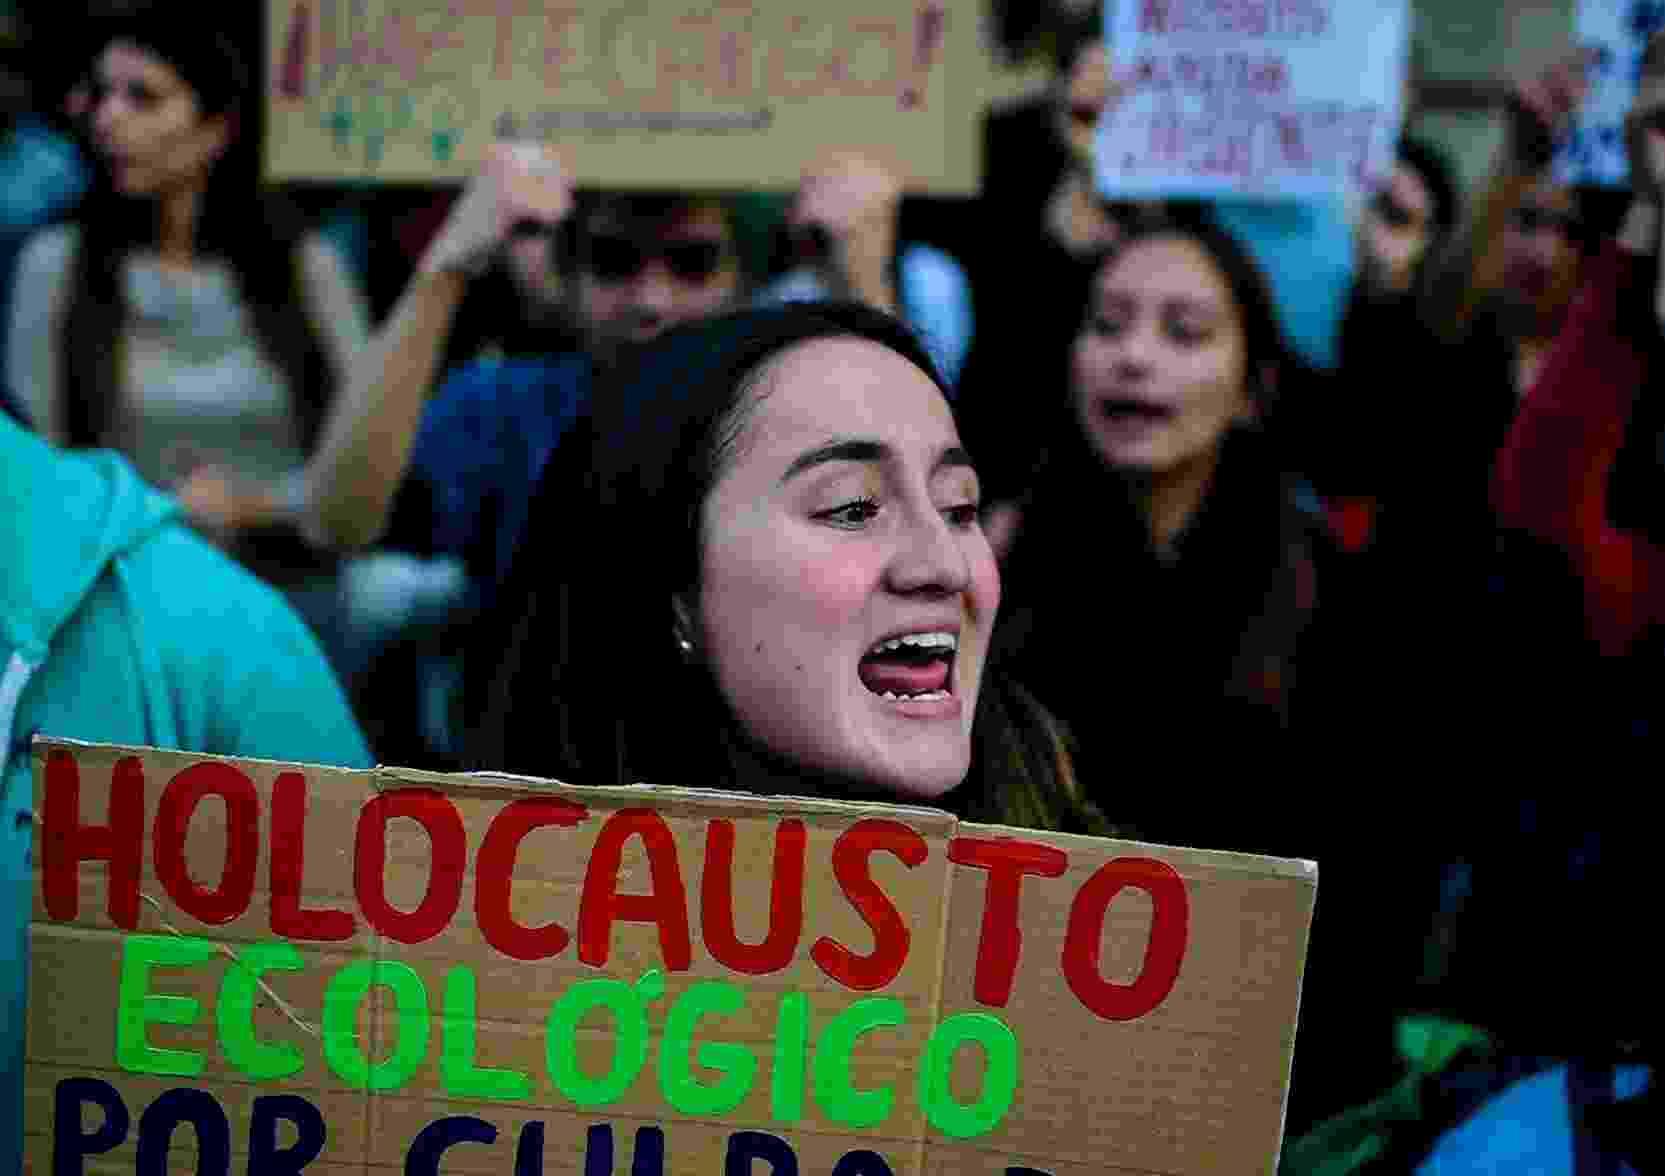 Manifestantes protestam contra queimadas na Amazônia em frente a embaixada brasileira em Santiago, no Chile - Martin BERNETTI / AFP